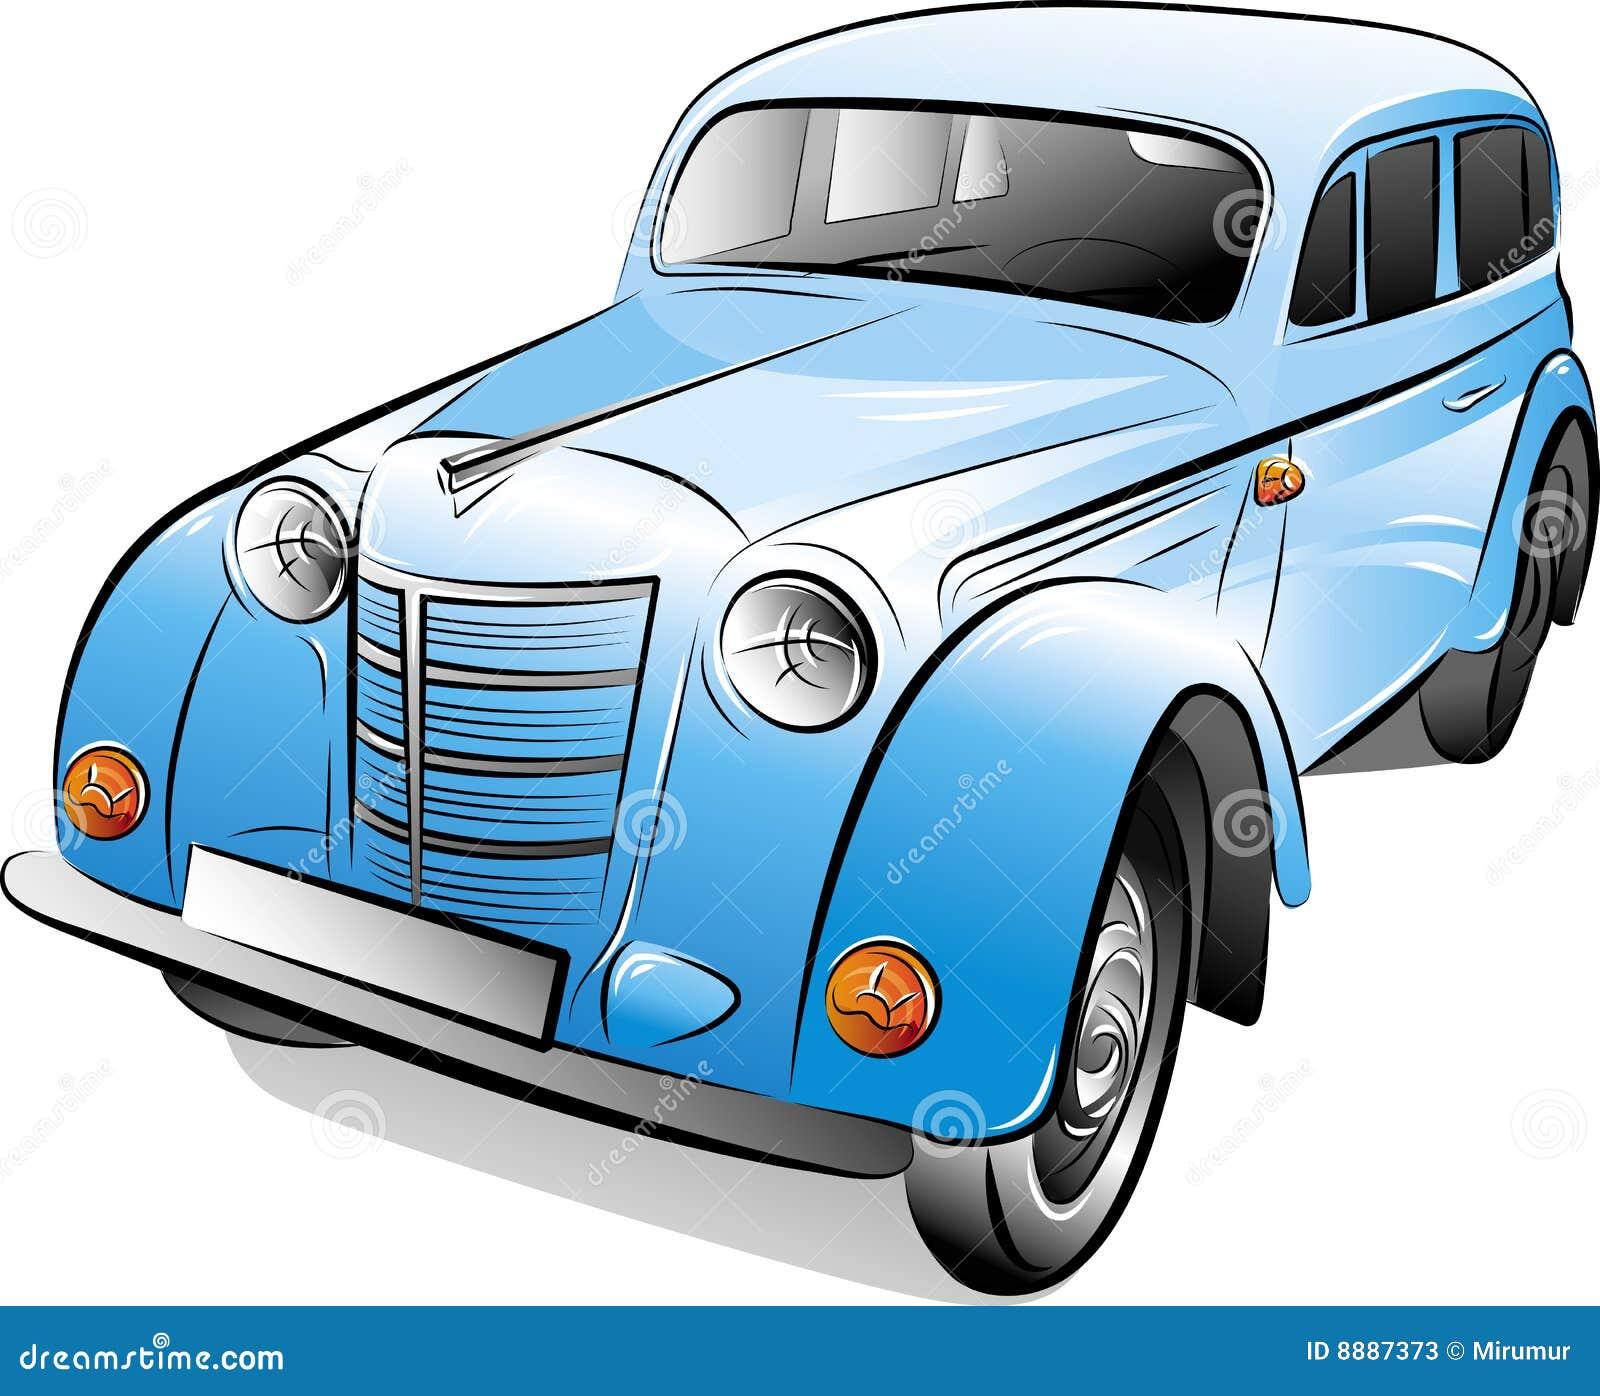 Desenho Do Carro Retro Ilustração Do Vetor. Ilustração De